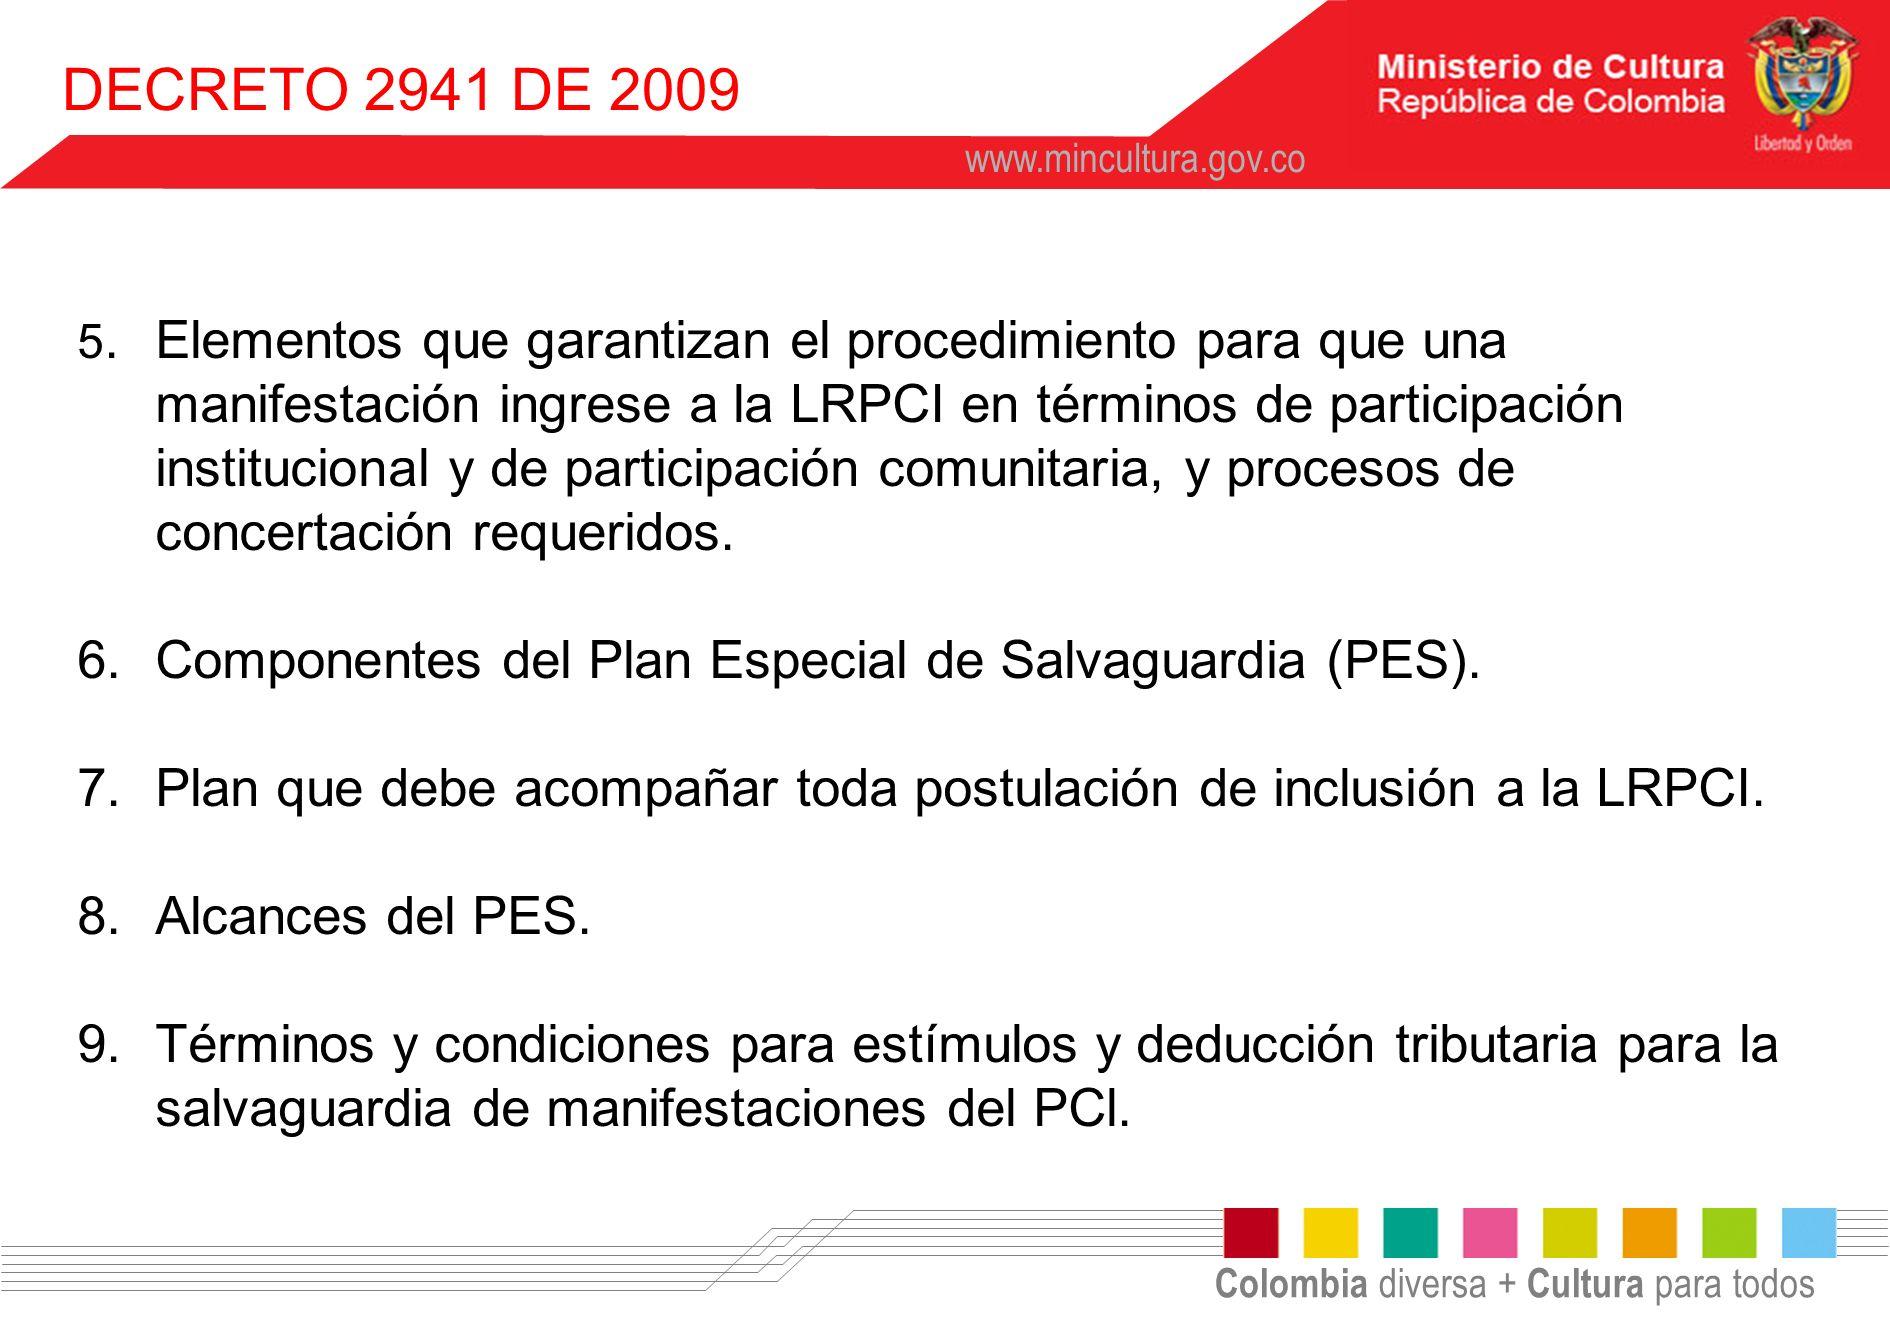 Colombia diversa + Cultura para todos www.mincultura.gov.co 5.Elementos que garantizan el procedimiento para que una manifestación ingrese a la LRPCI